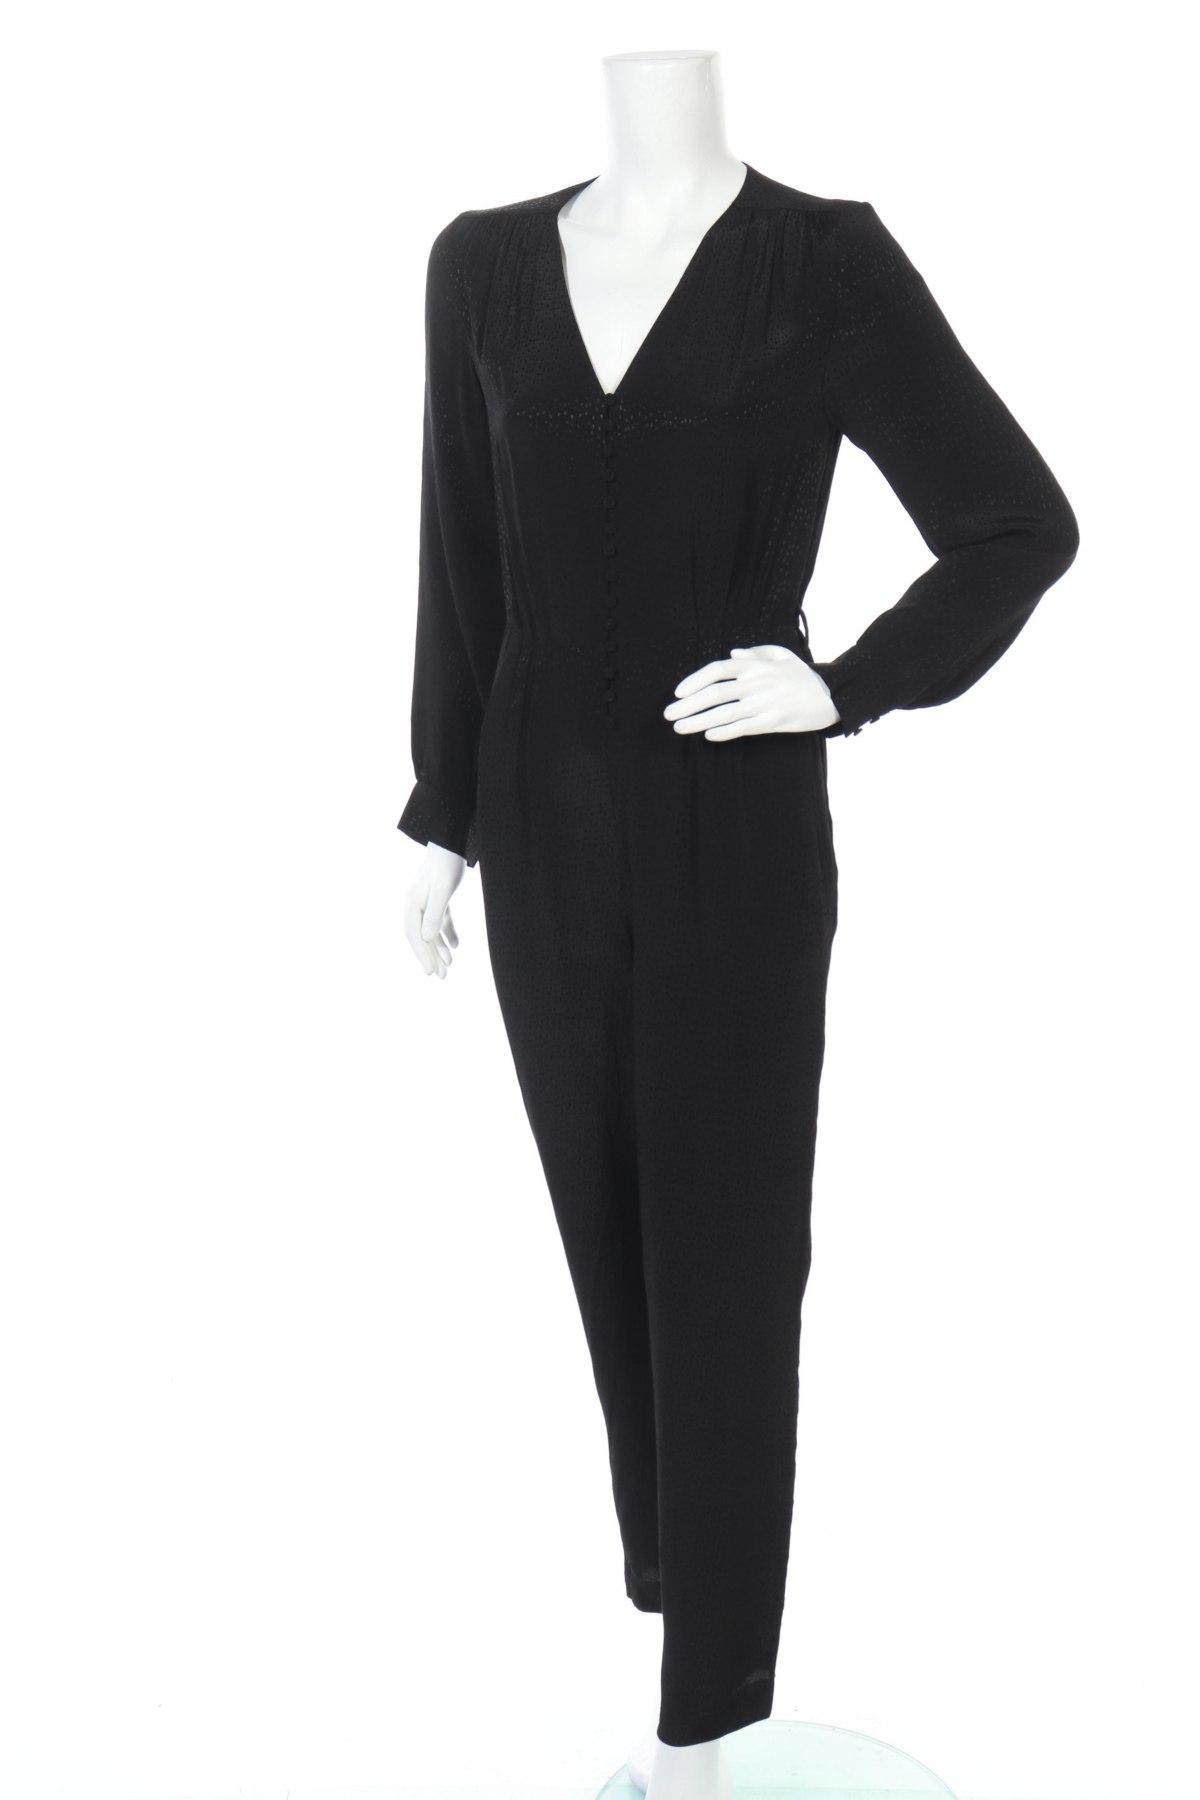 Γυναικεία σαλοπέτα Massimo Dutti, Μέγεθος S, Χρώμα Μαύρο, 100% βισκόζη, Τιμή 21,50€